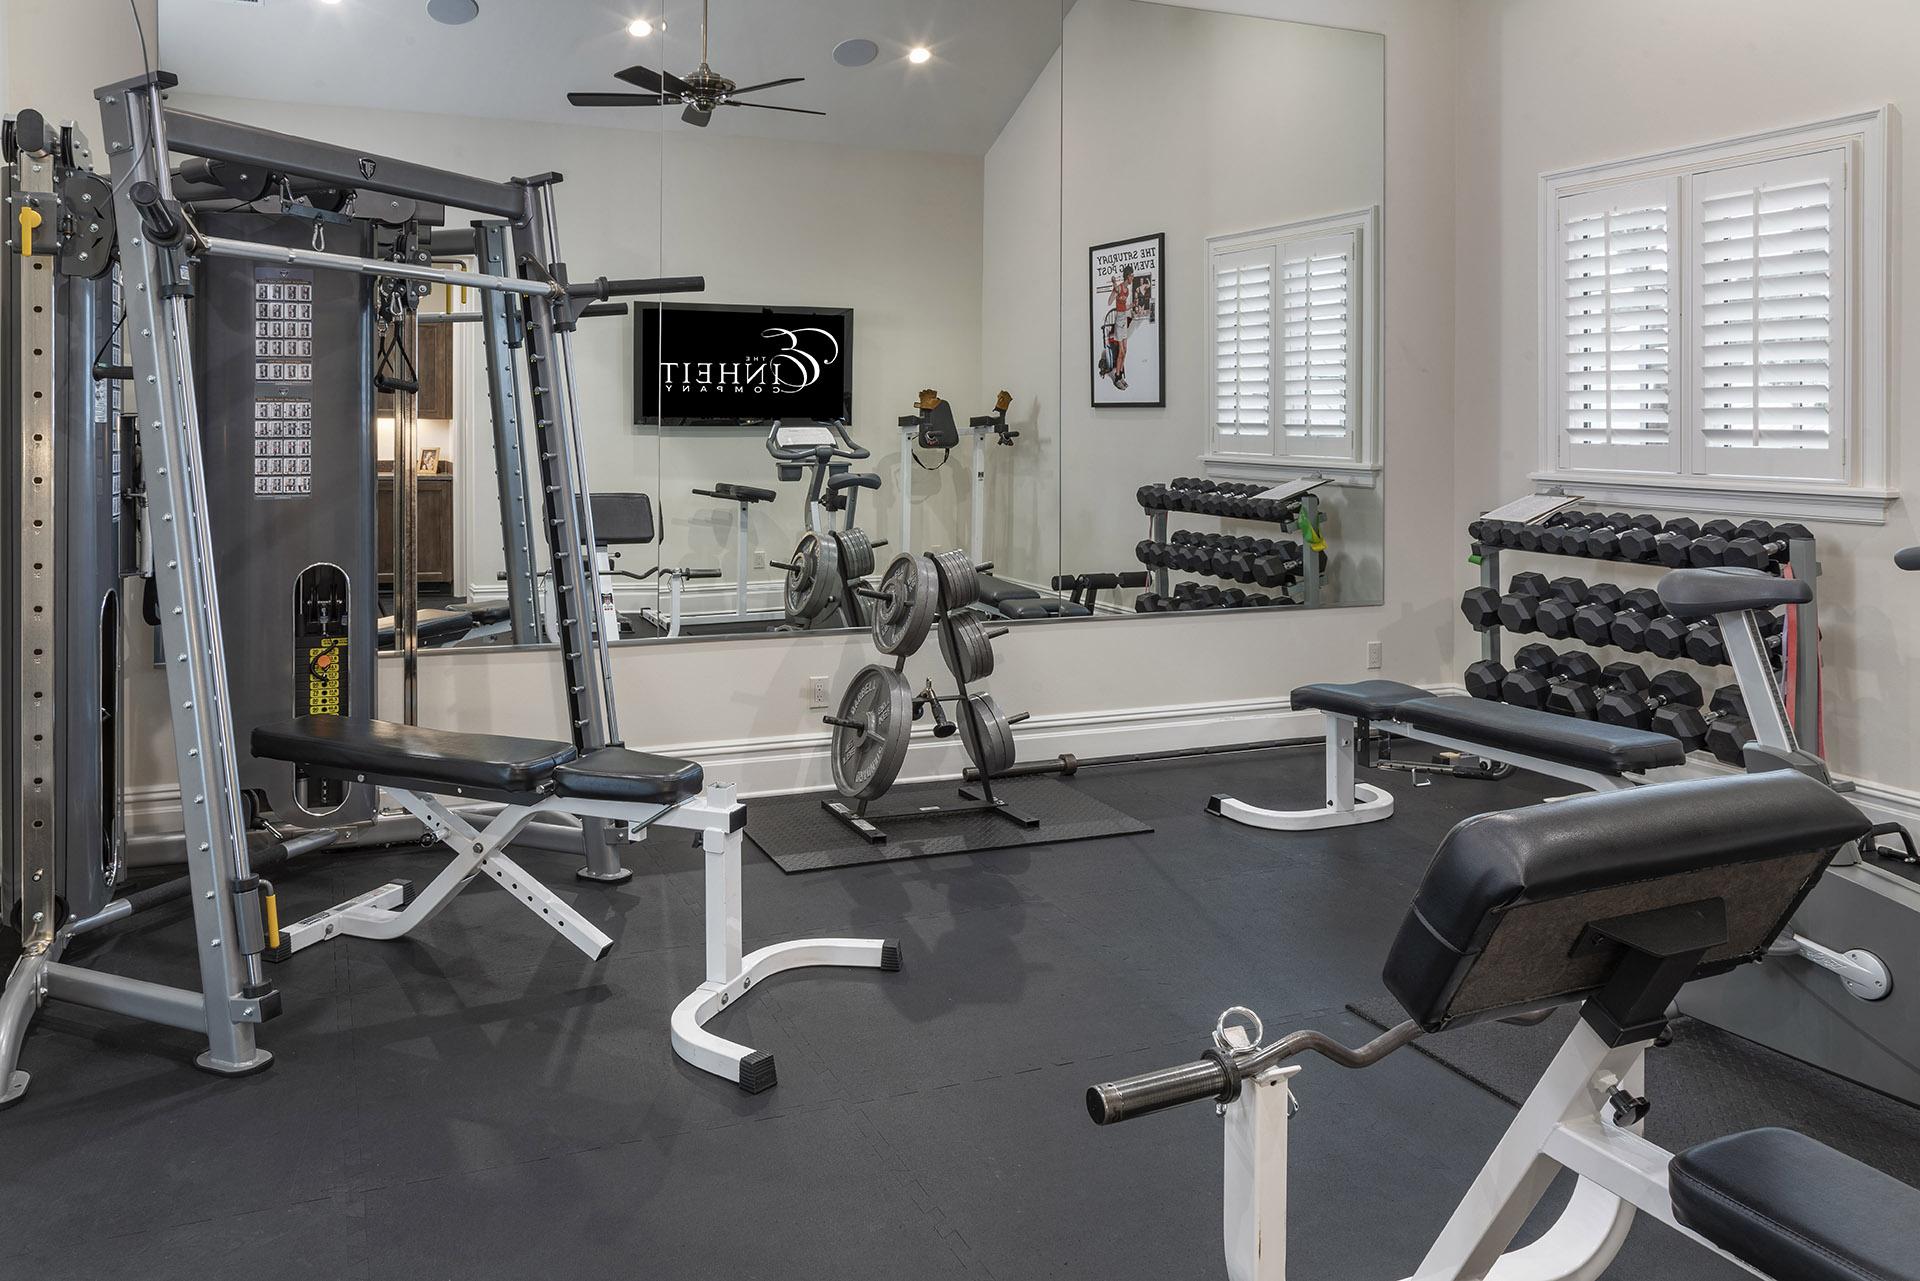 custom home gym designed and built by Einheit custom home builders